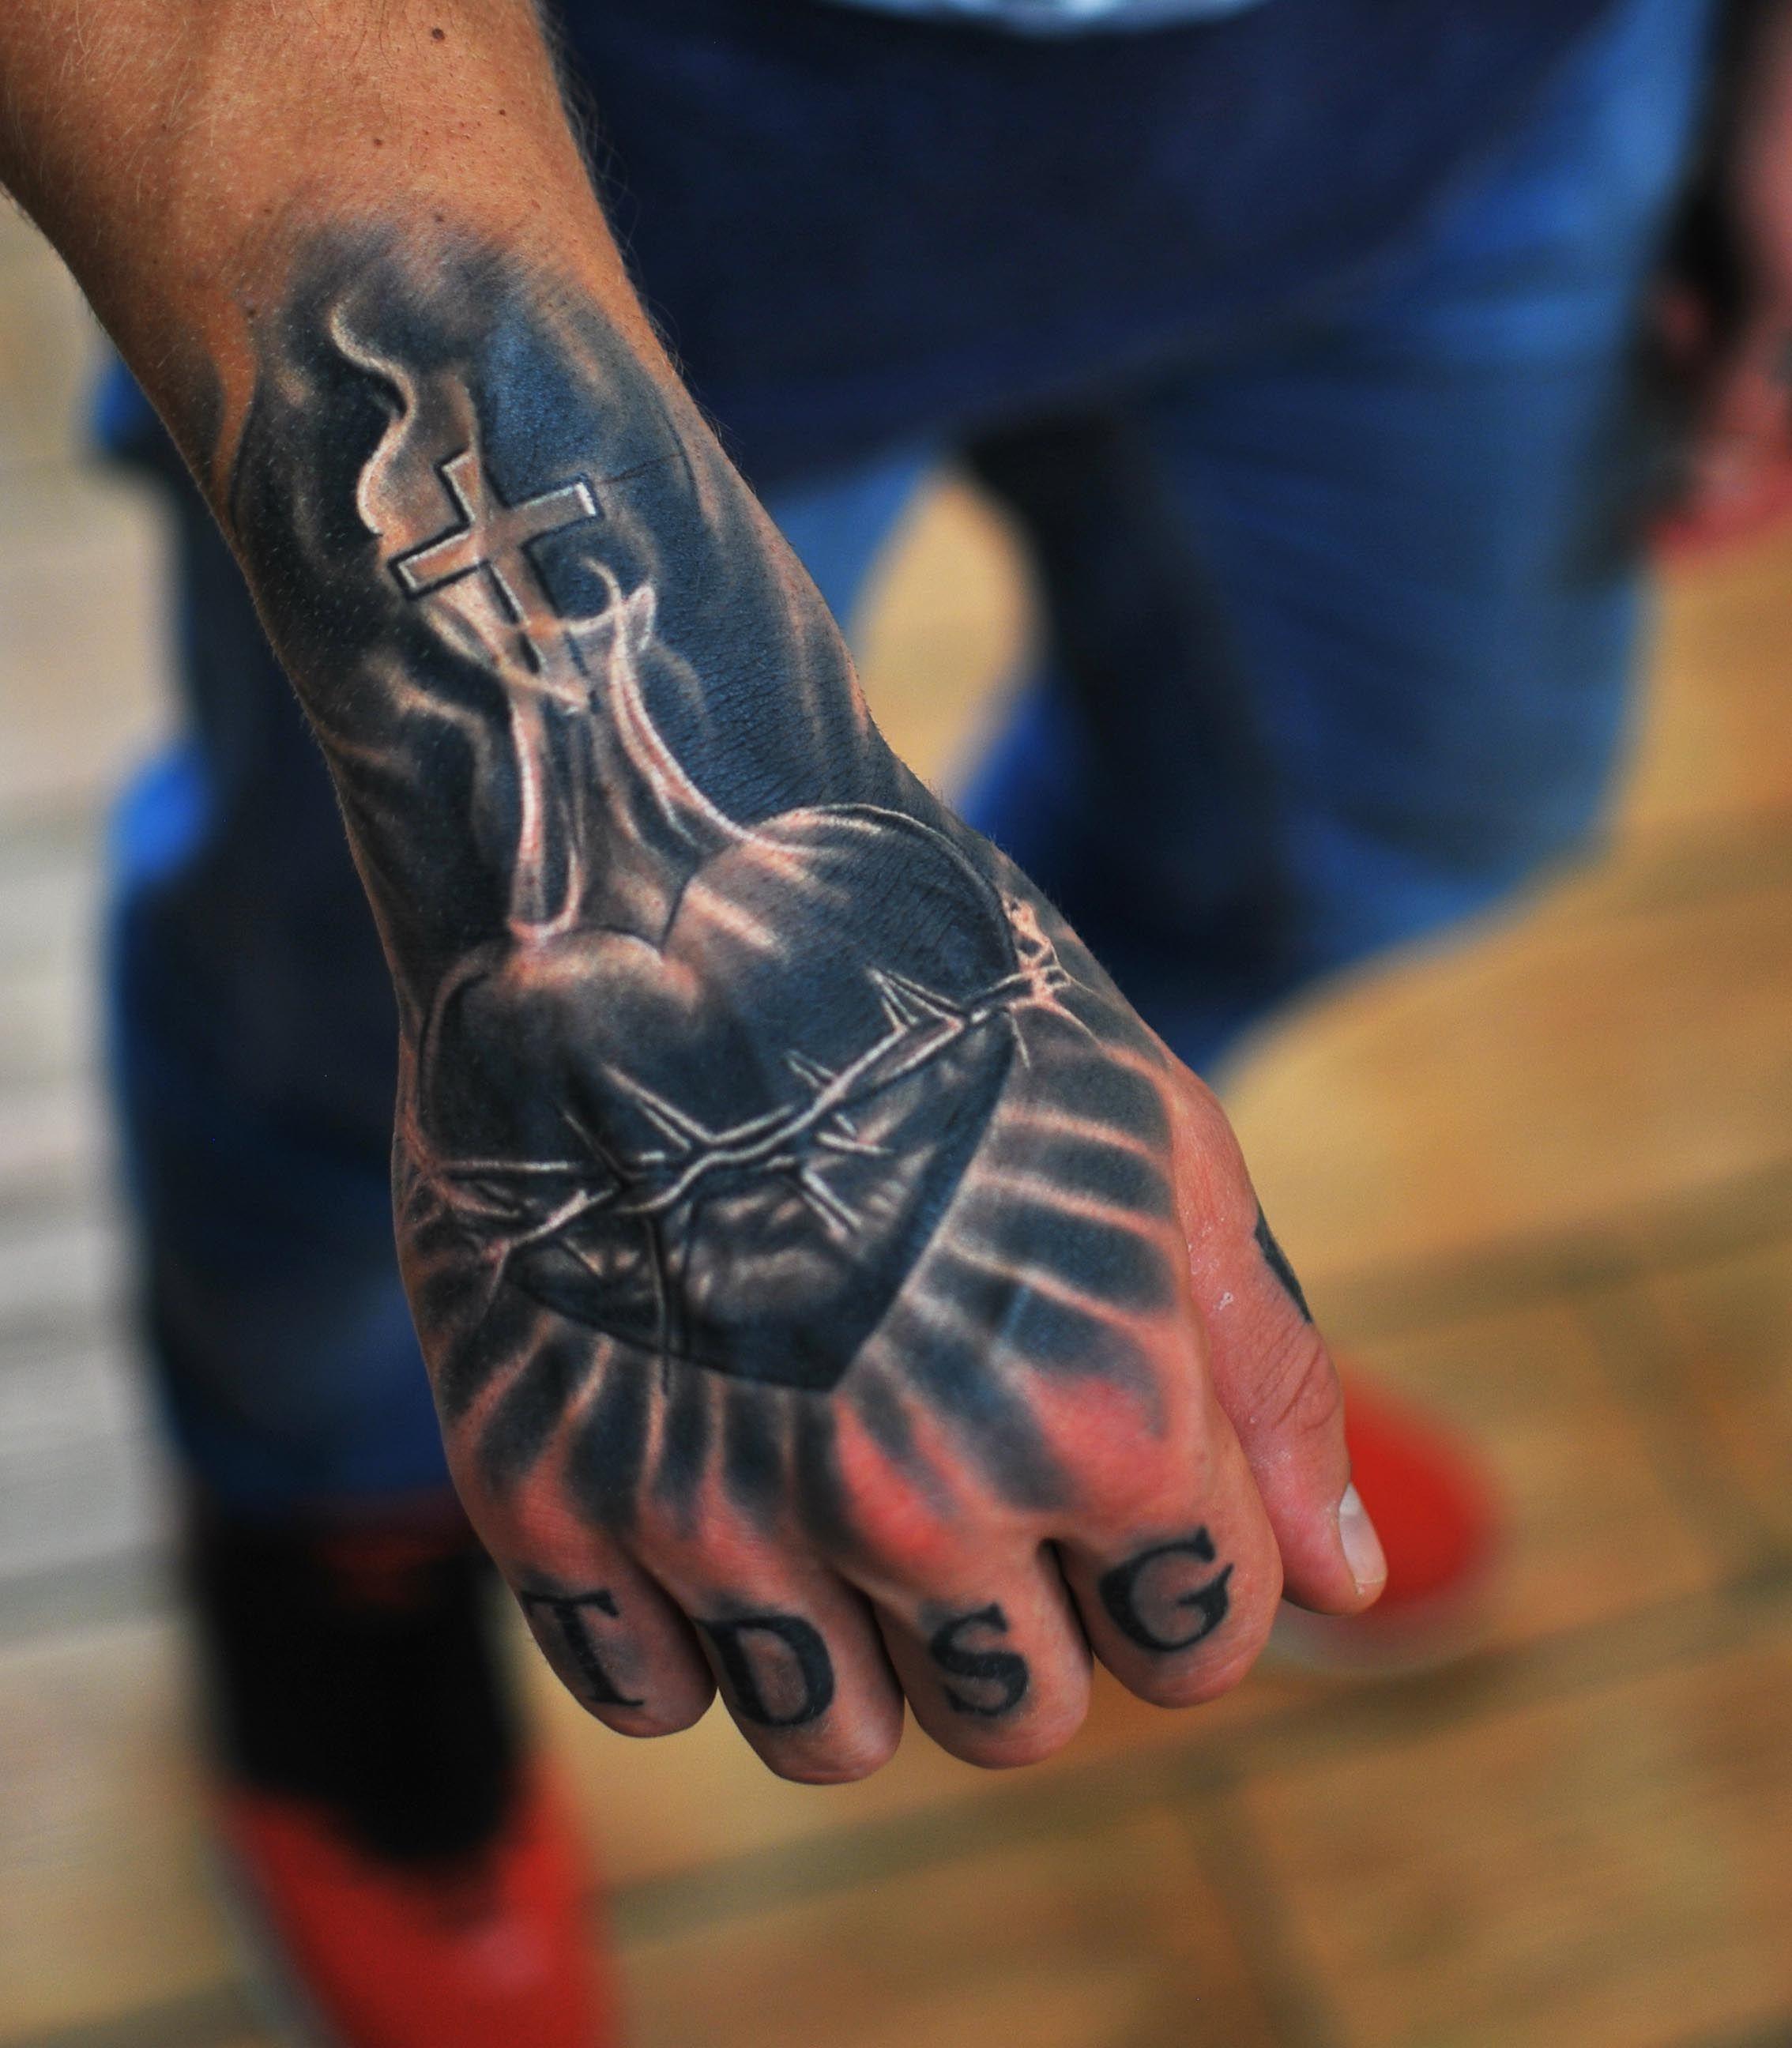 Completely healed heart tattoo. Artist marispavlo sacred